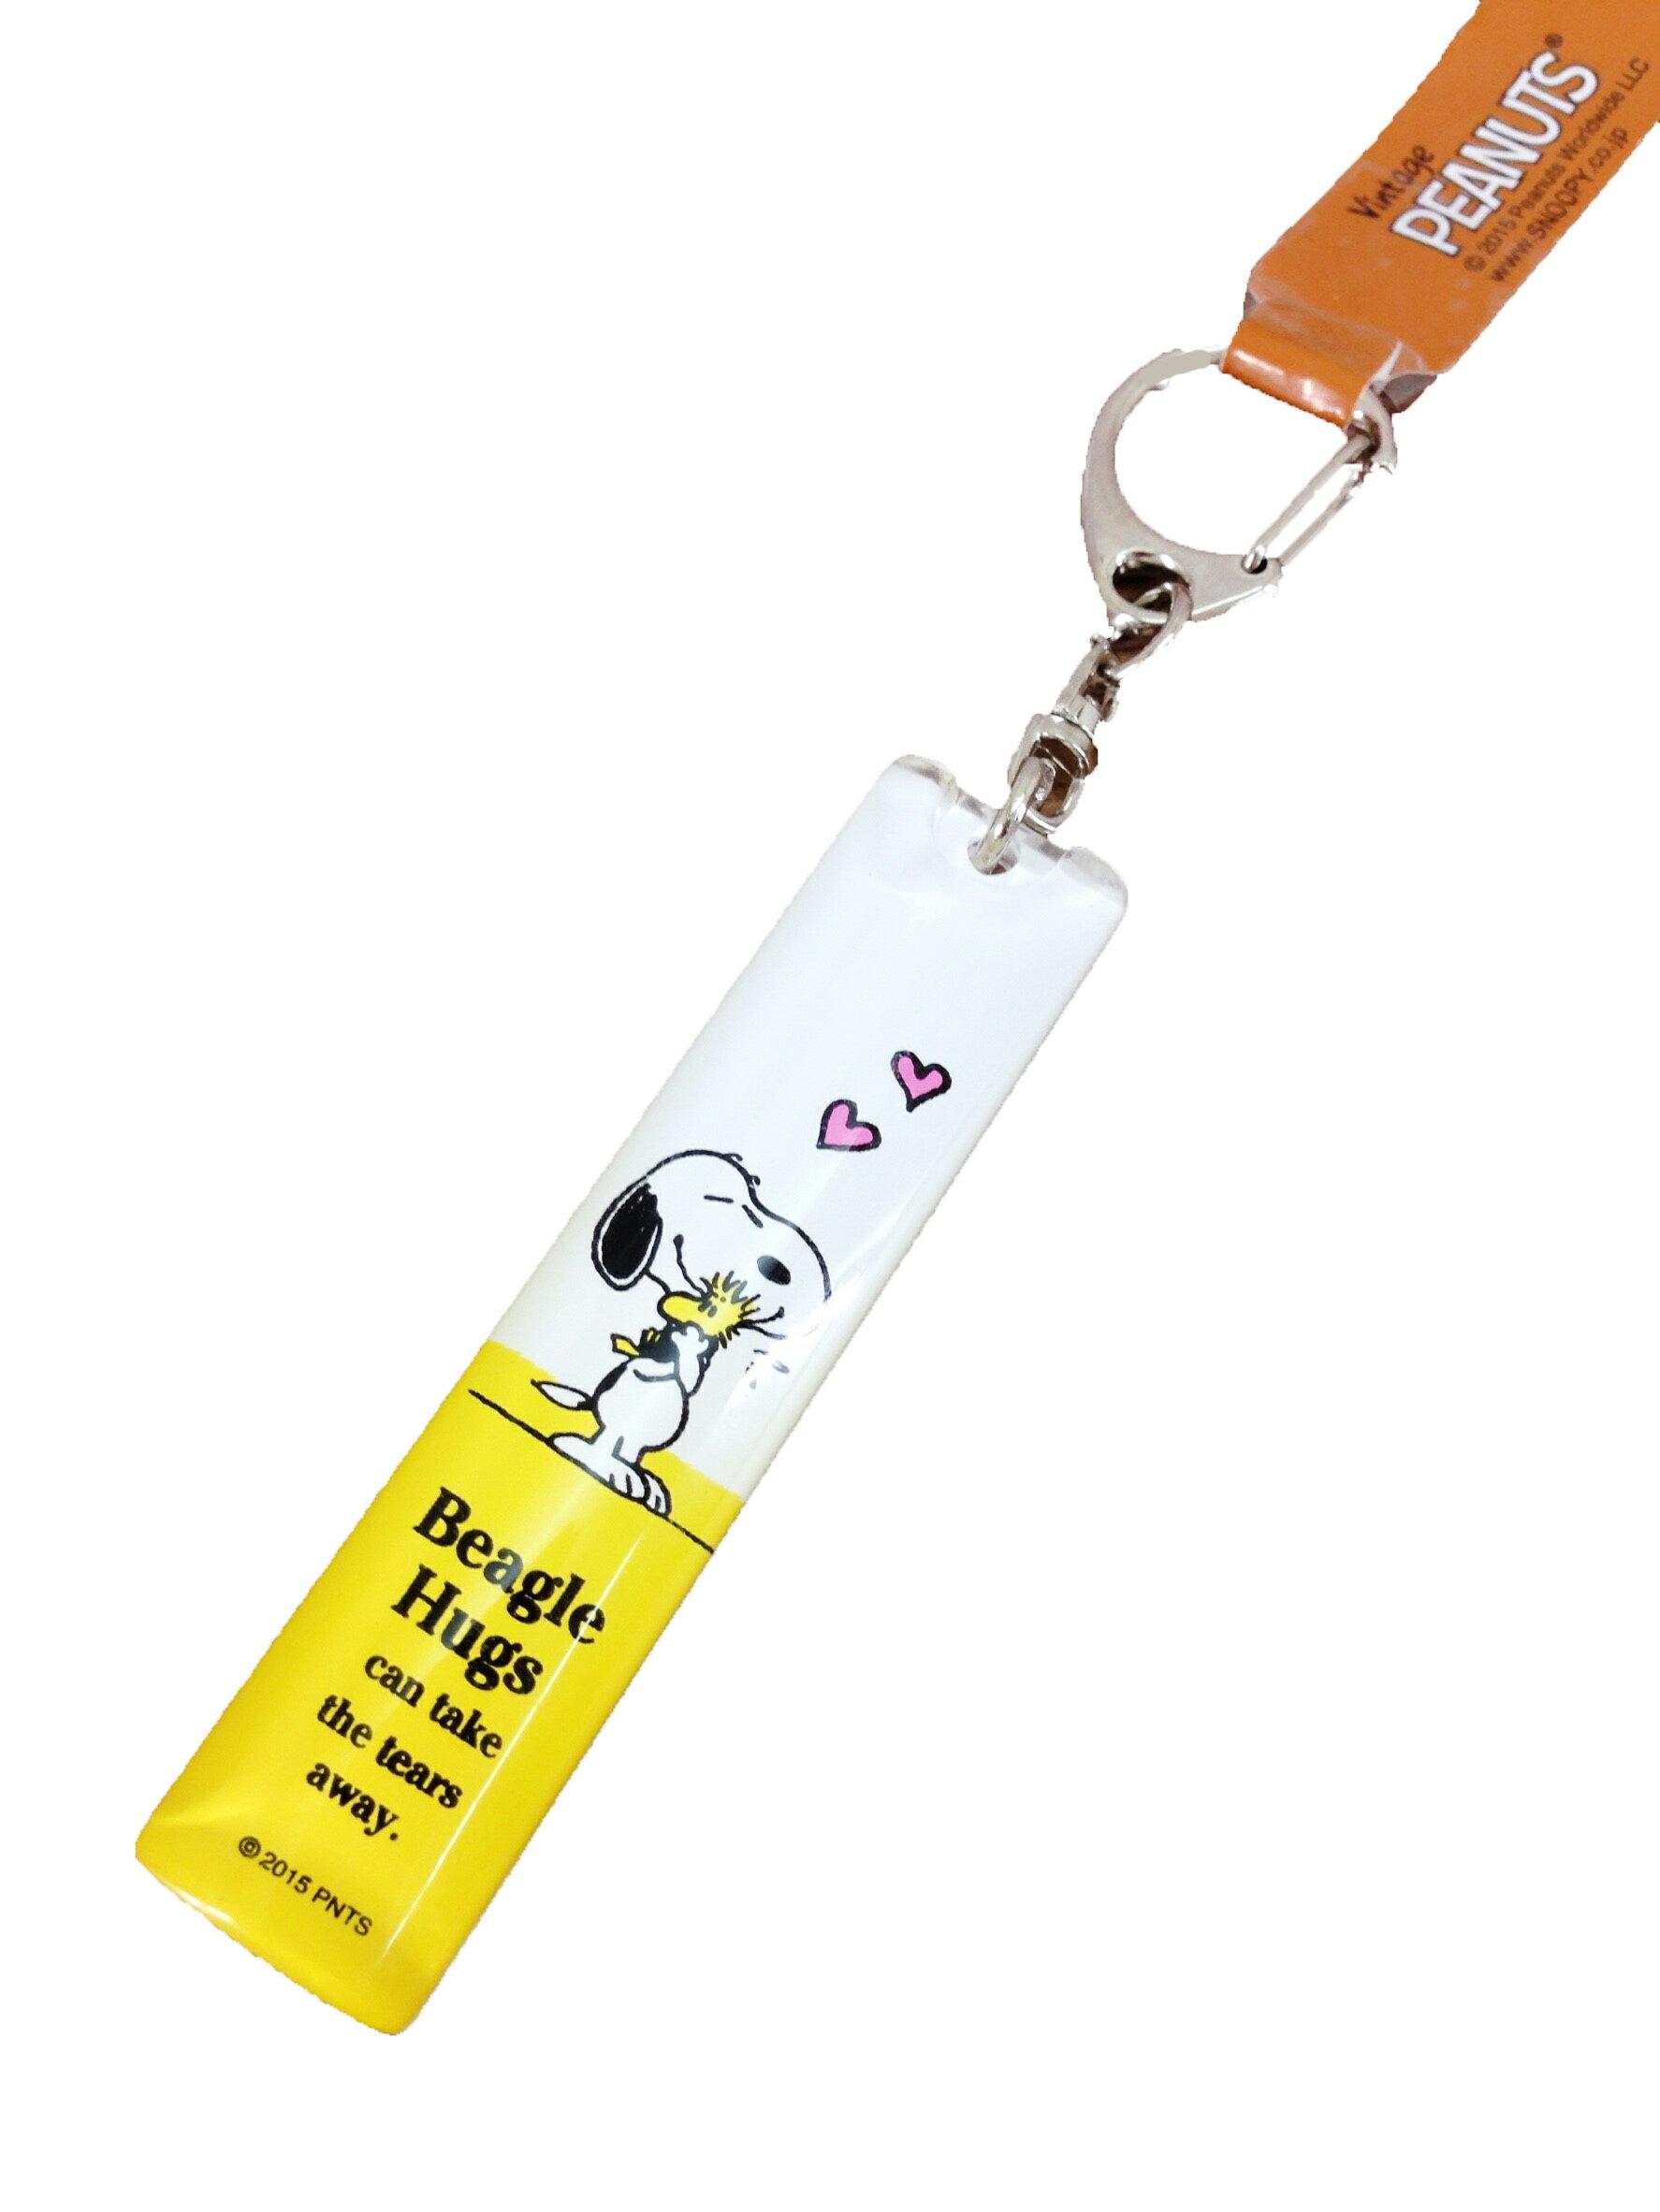 【真愛日本】16051100054壓克力橢圓鎖圈-抱鳥黃  史努比 SNOOPY  吊飾 鑰匙圈 飾品 正品 限量 預購